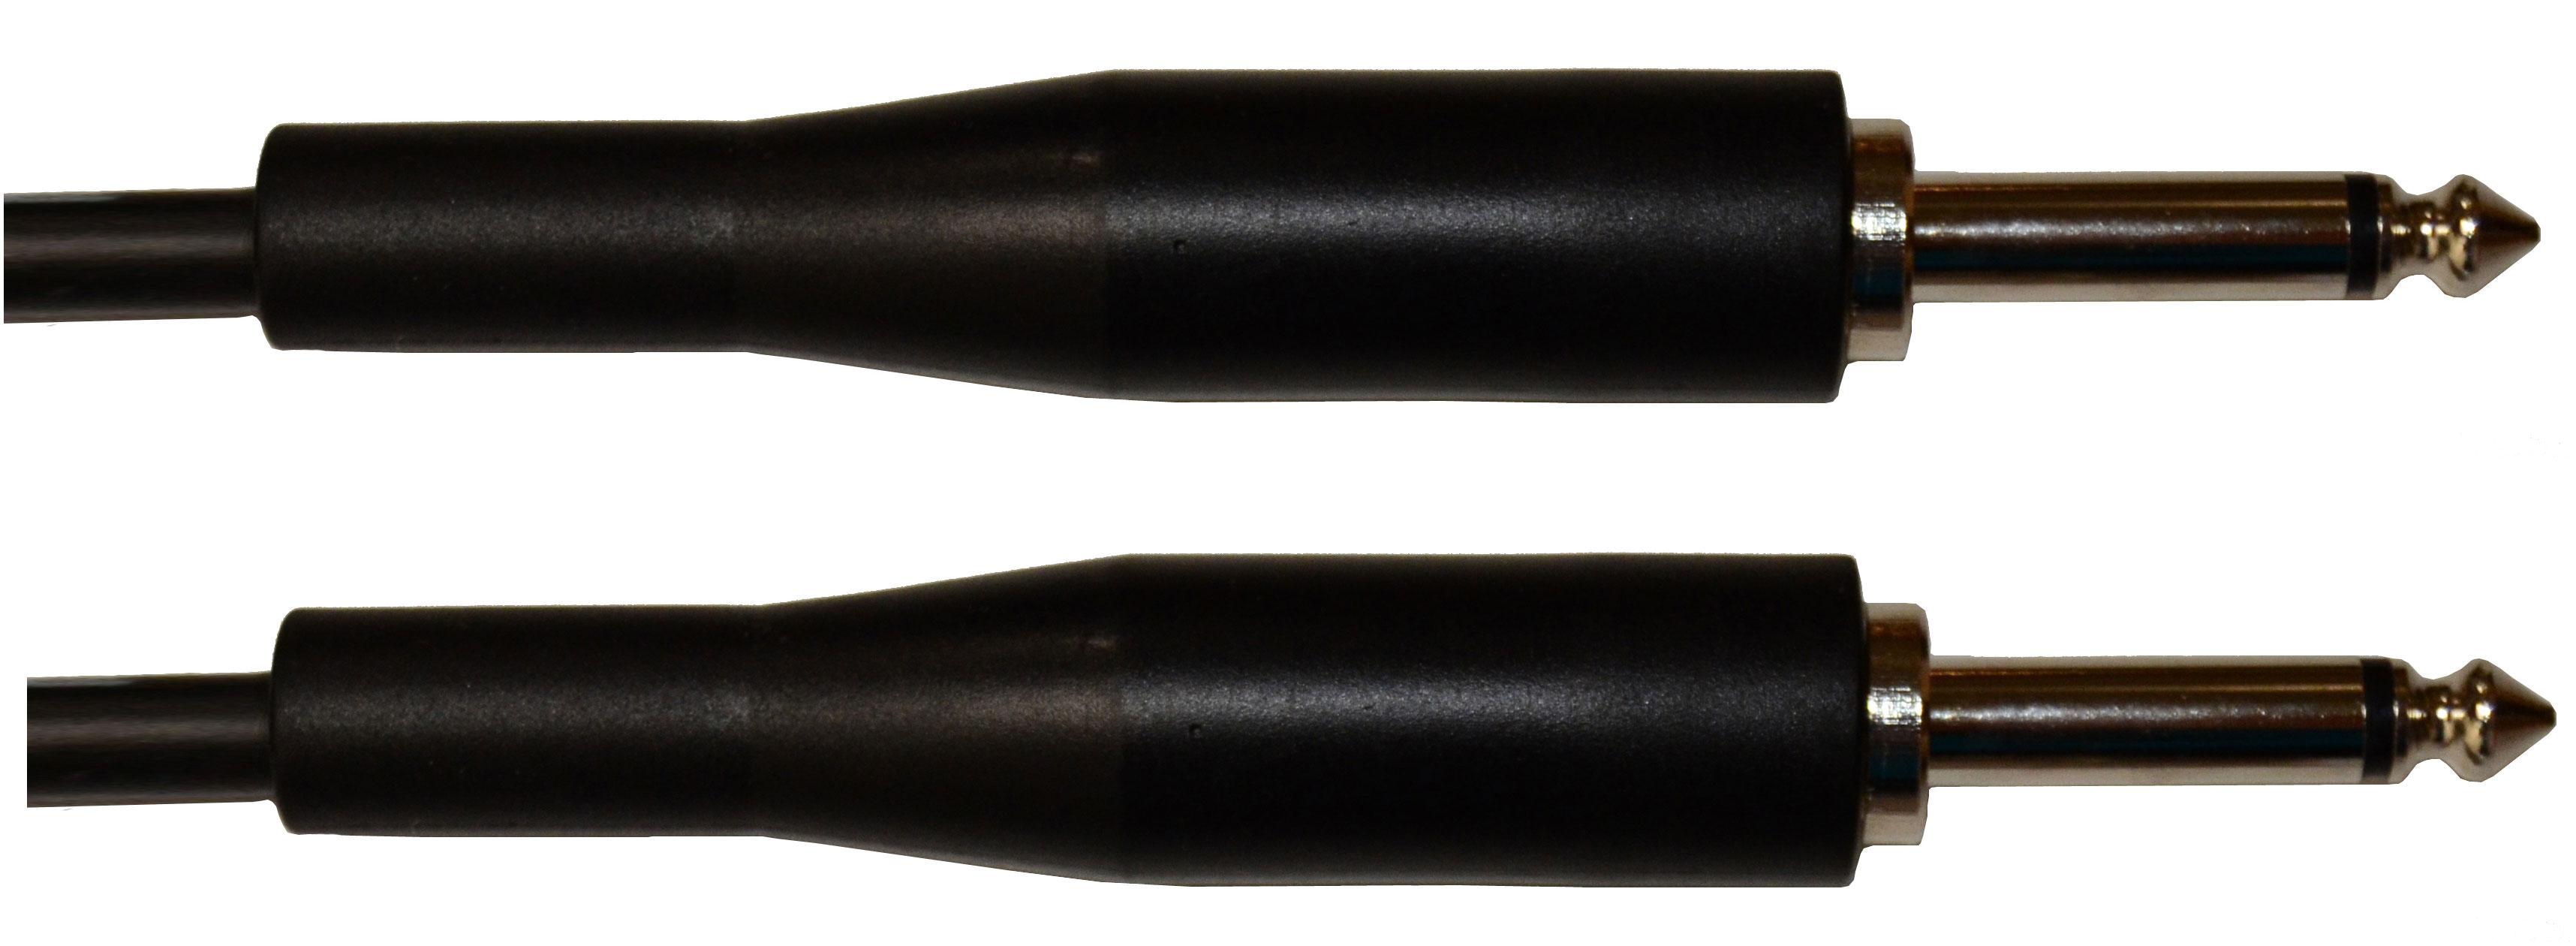 OQAN QABL JG-10-JG